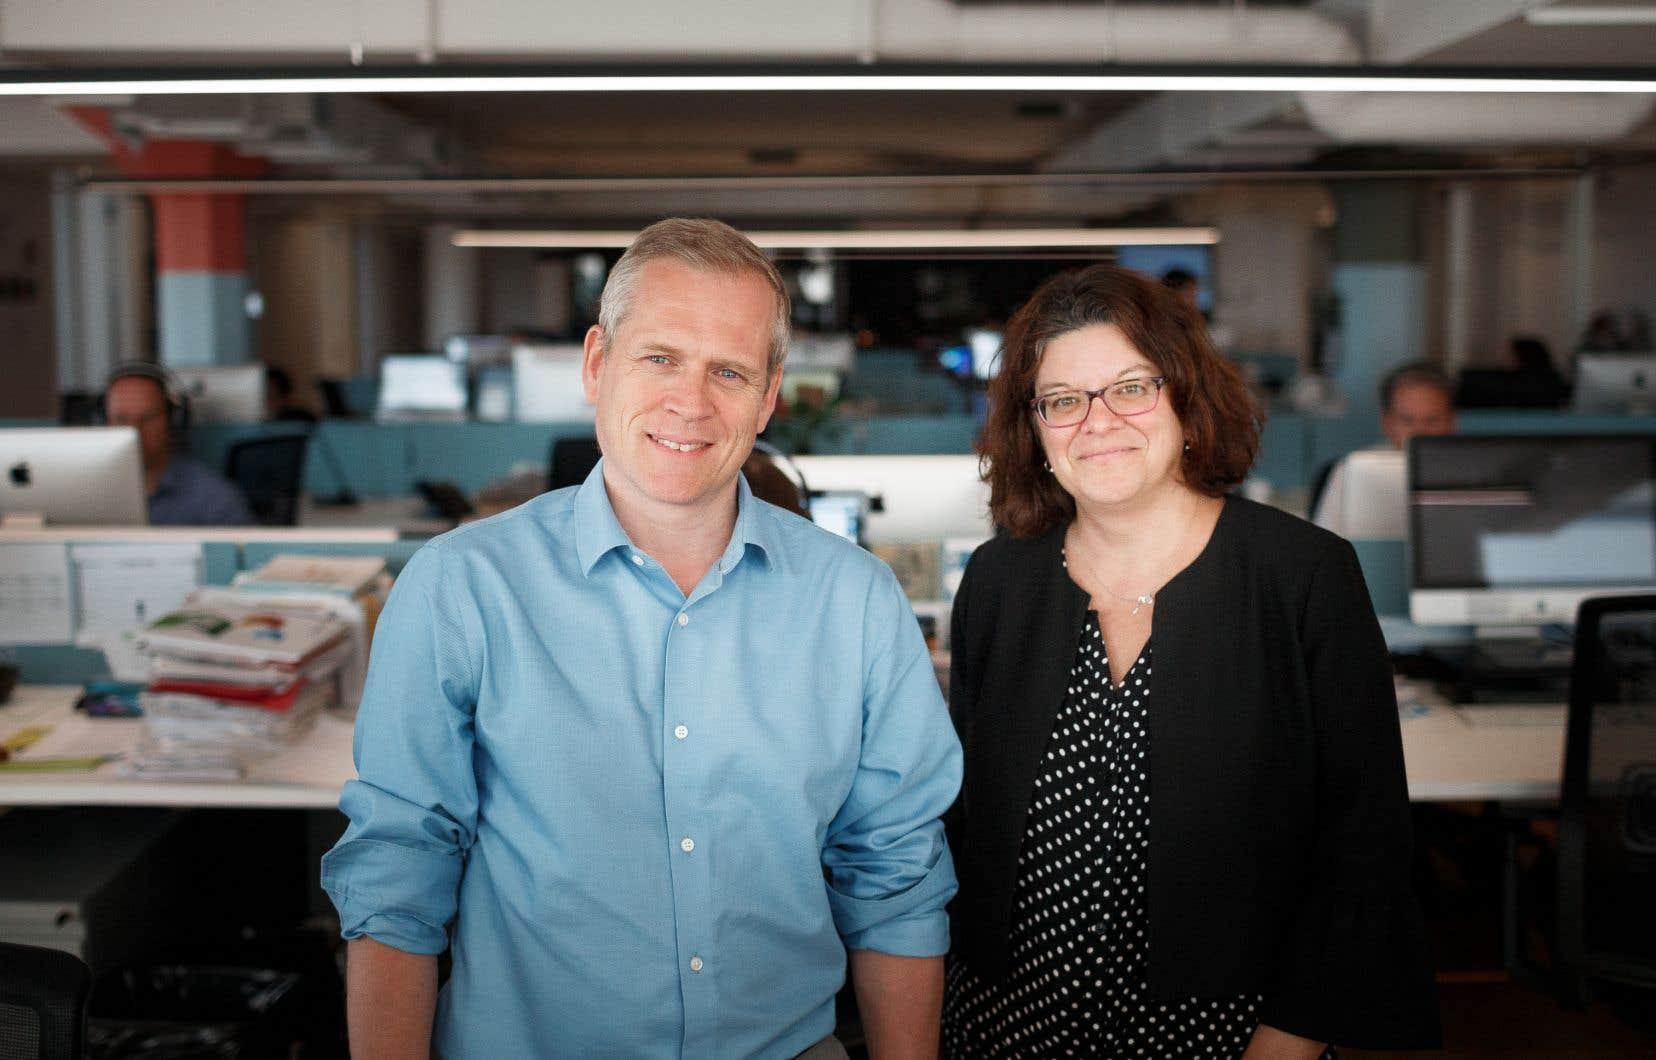 Le directeur du «Devoir», Brian Myles, a annoncé la nomination de Marie-Andrée Chouinard à titre de rédactrice en chef du quotidien.